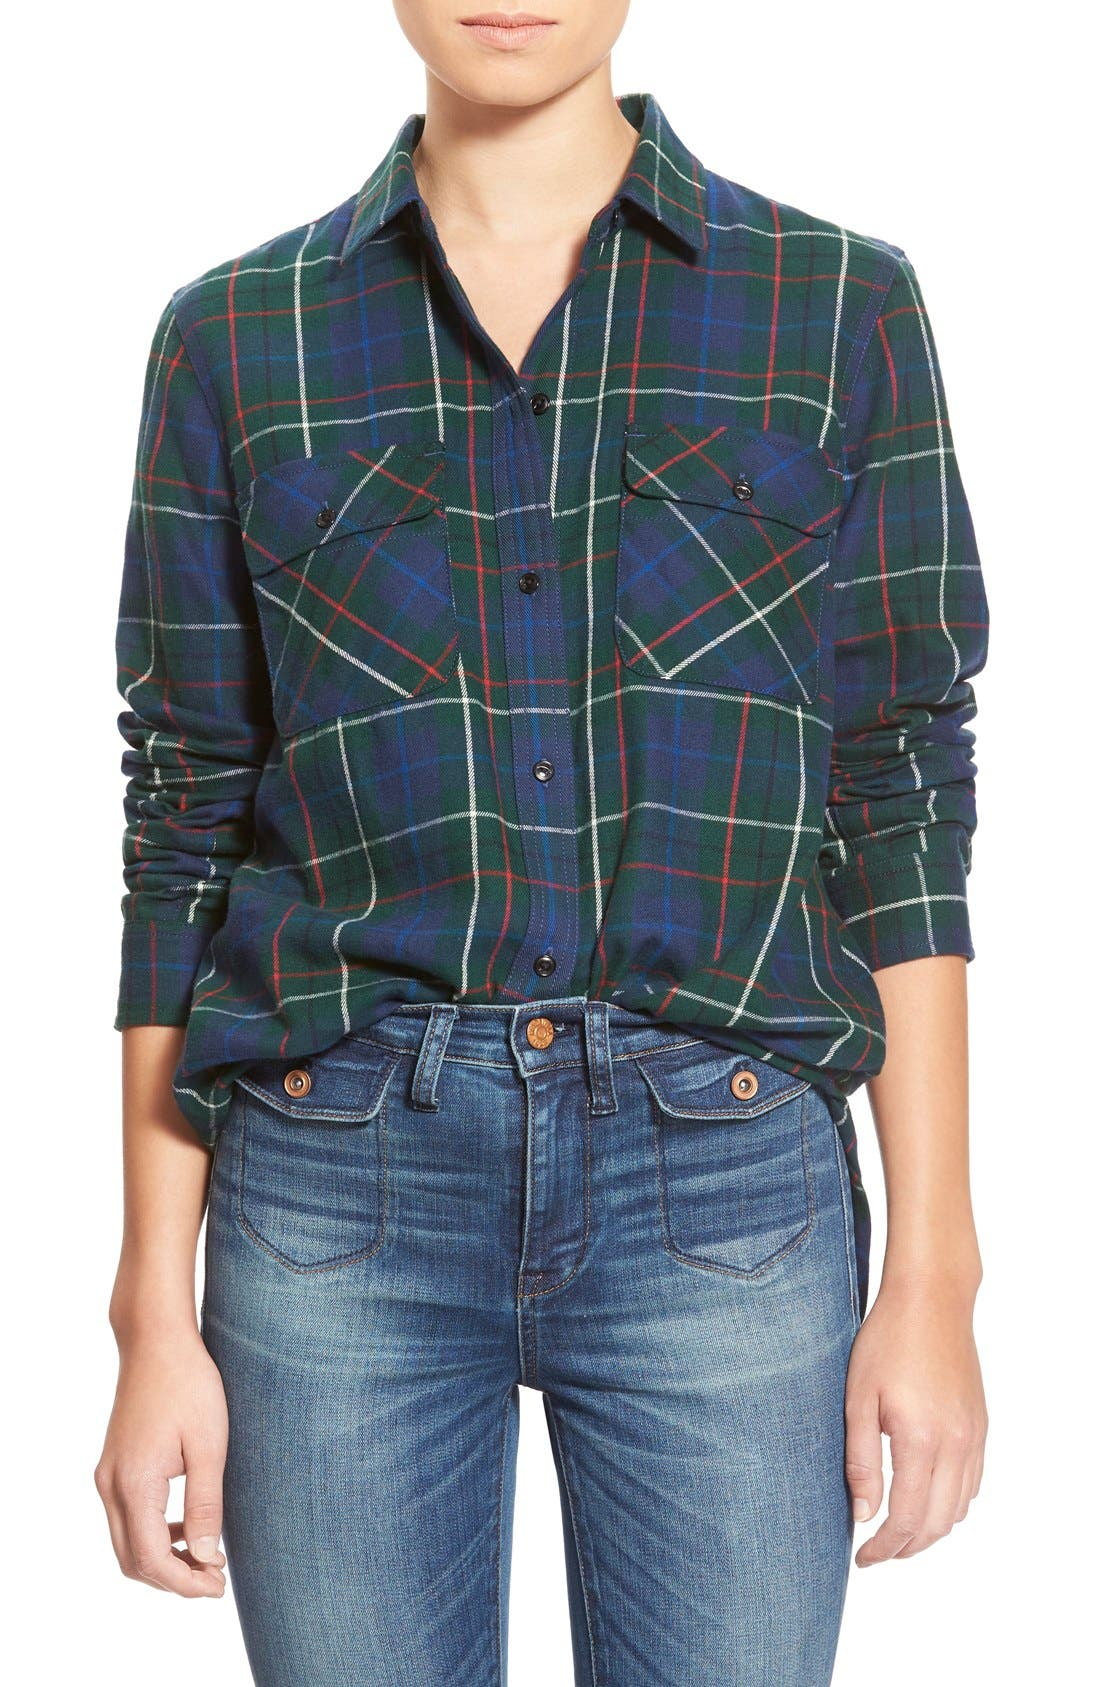 Ex Boyfriend - Ontario Plaid Flannel Shirt,                             Main thumbnail 1, color,                             300